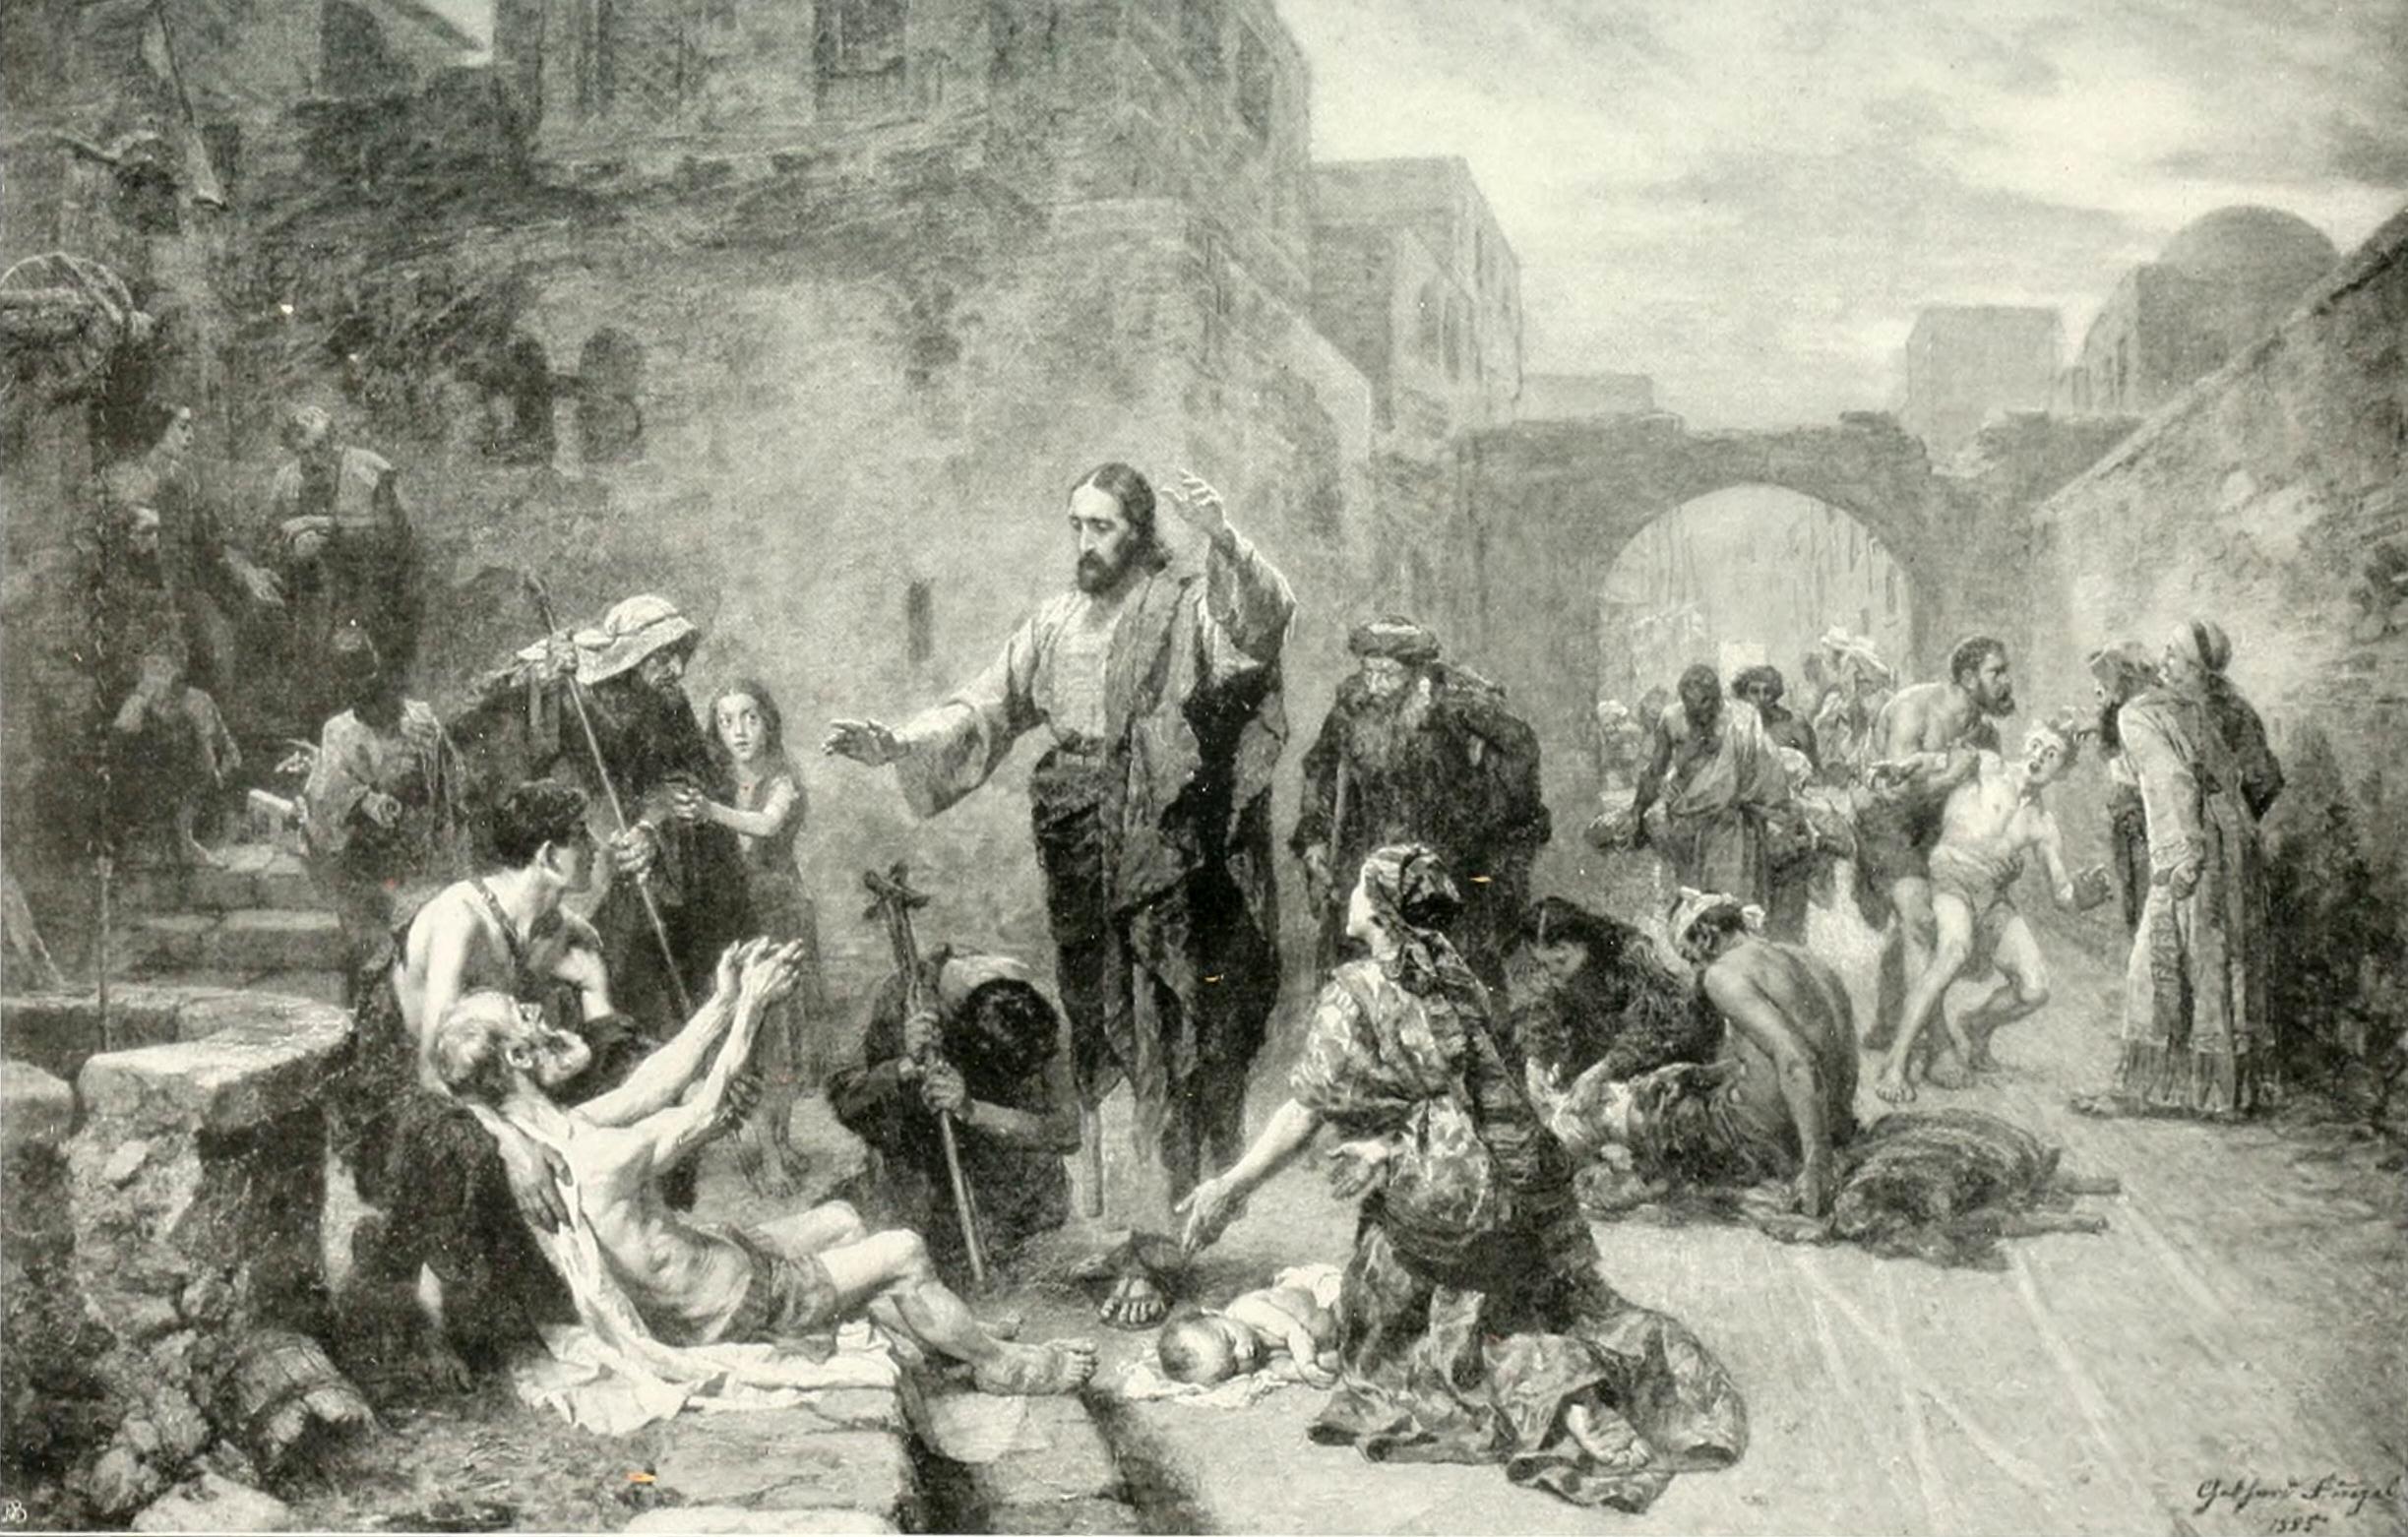 FileGebhard Fugel Jesus heilt Kranke 1885jpg  Wikimedia Commons